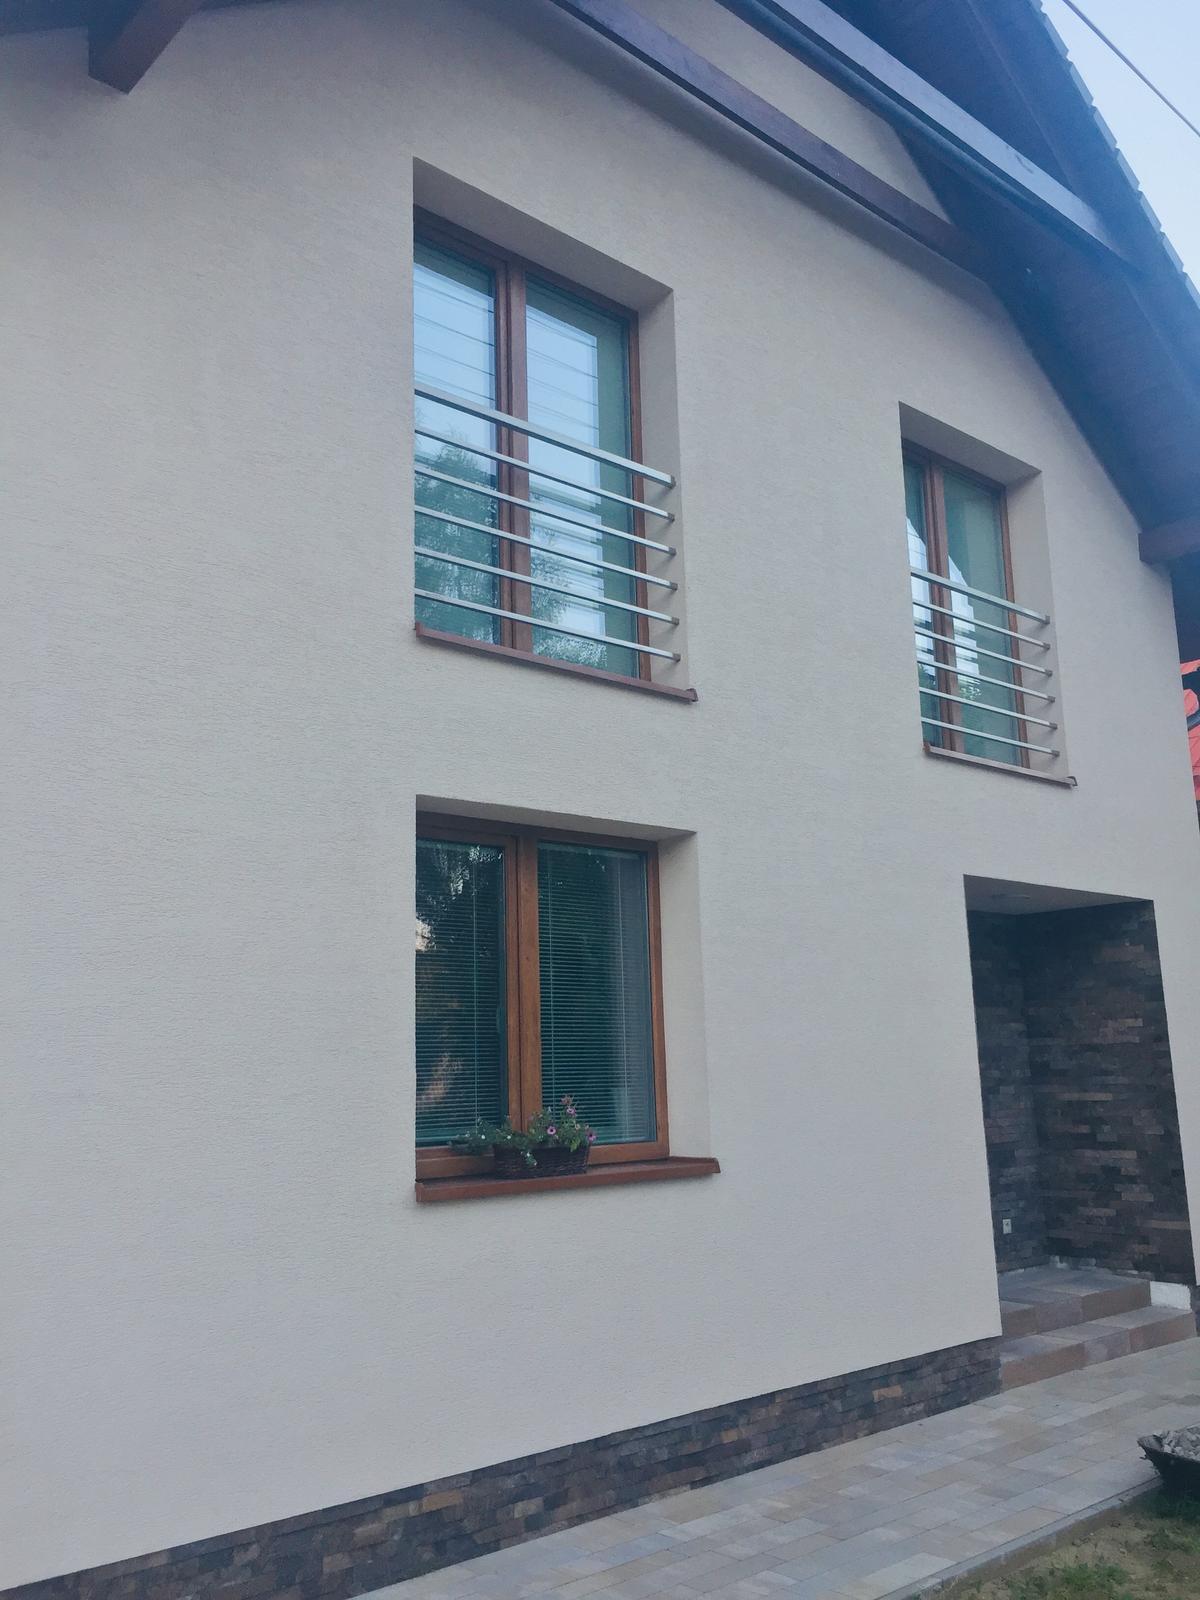 S Haus - Chcela som trošku zmenu - rozhodli sme sa pre francúzske okná